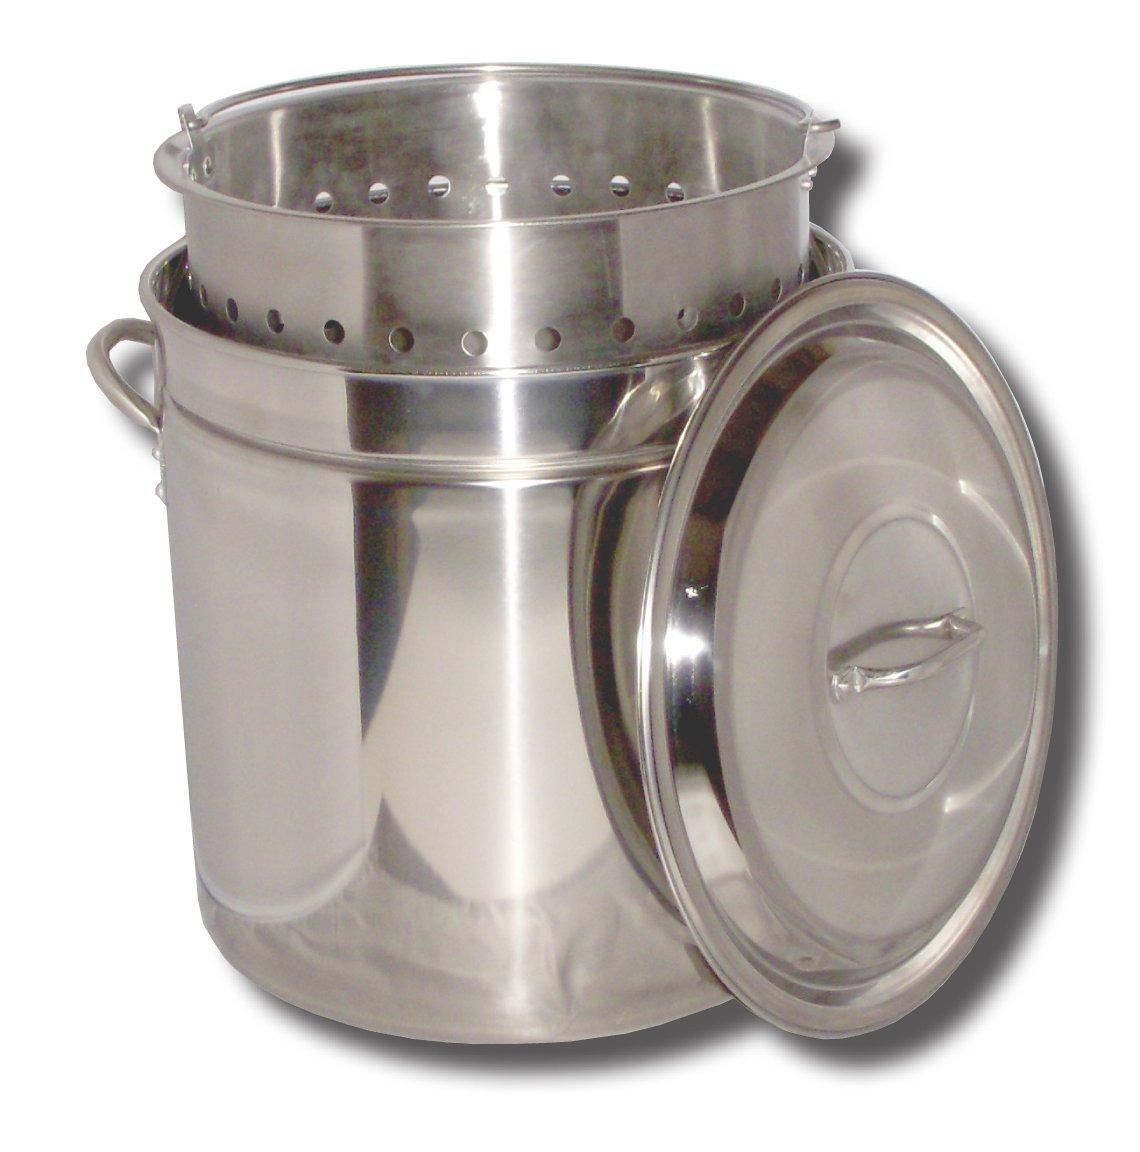 King Kooker KK102SR Ridged Stainless Steel Pot, 102-Quart by King Kooker (Image #1)